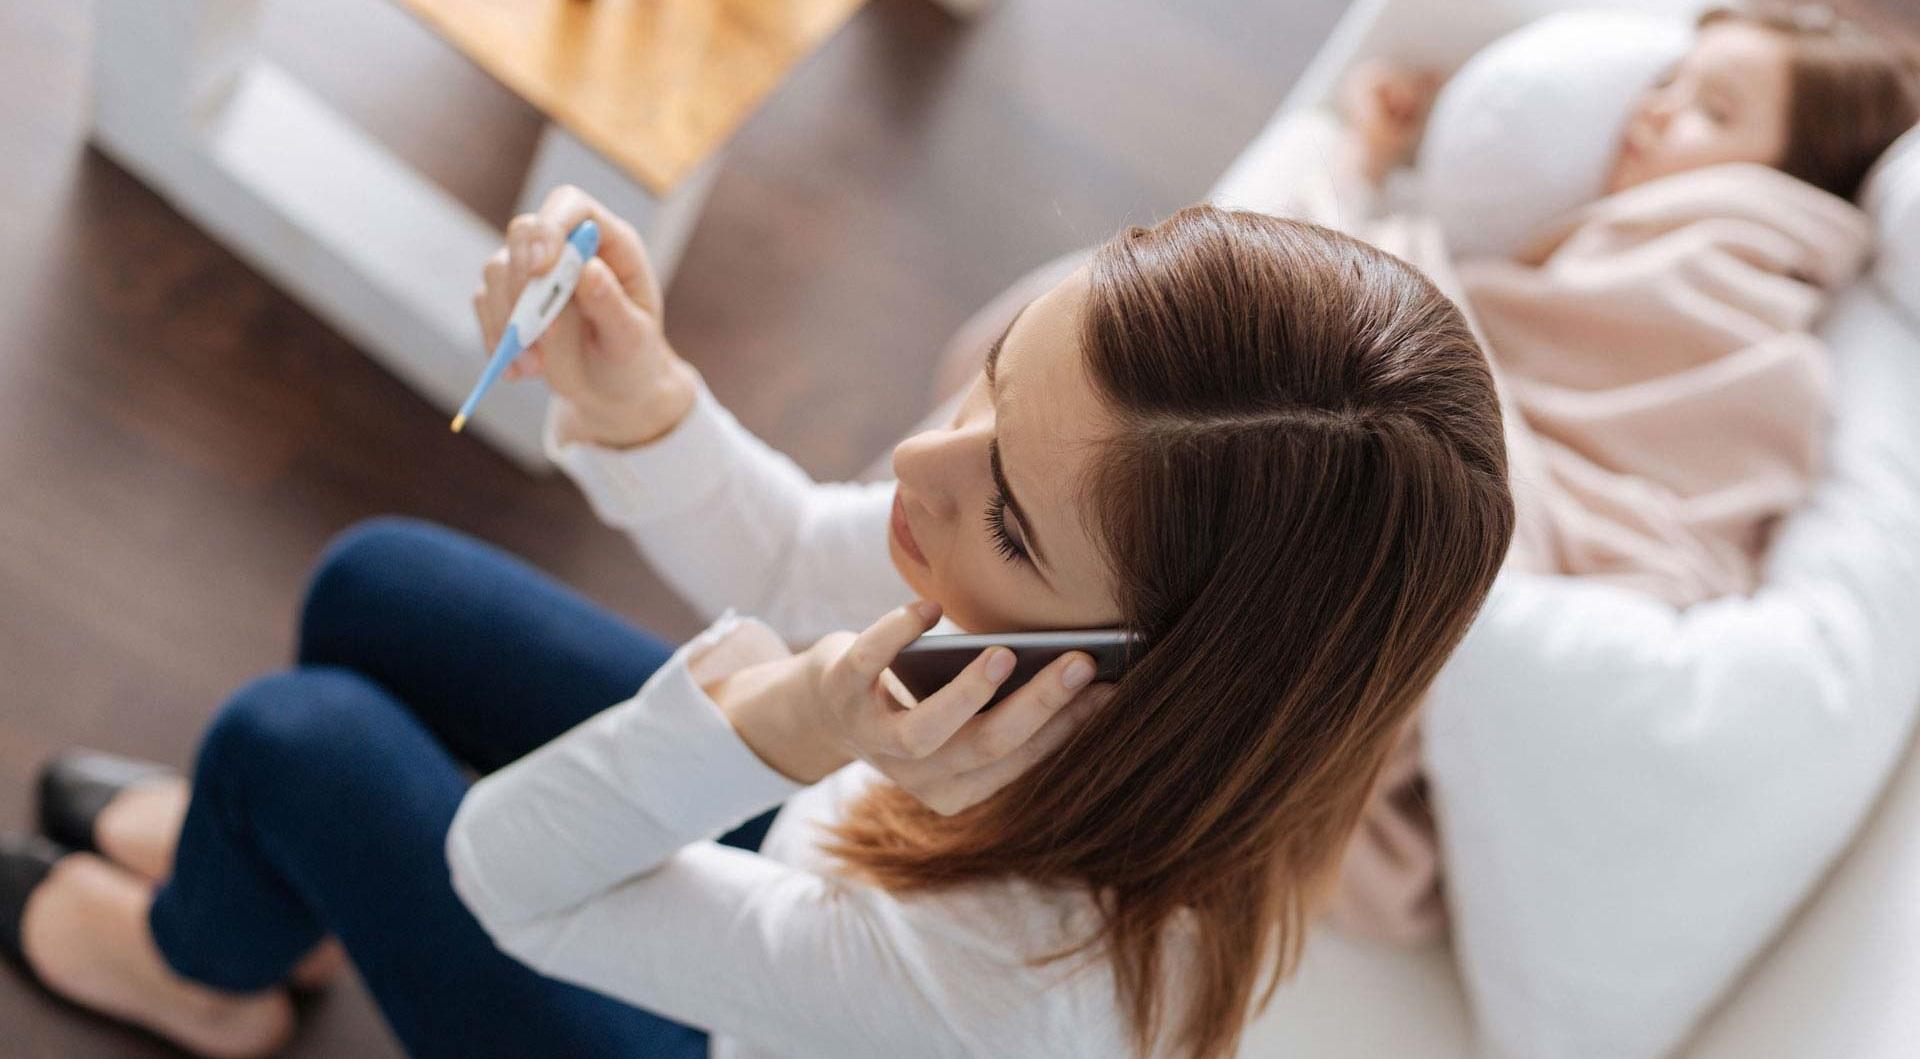 Frau hält Fieberthermometer in der einen Hand und mit der anderen Hand hält sie sich das Telefon ans Ohr.